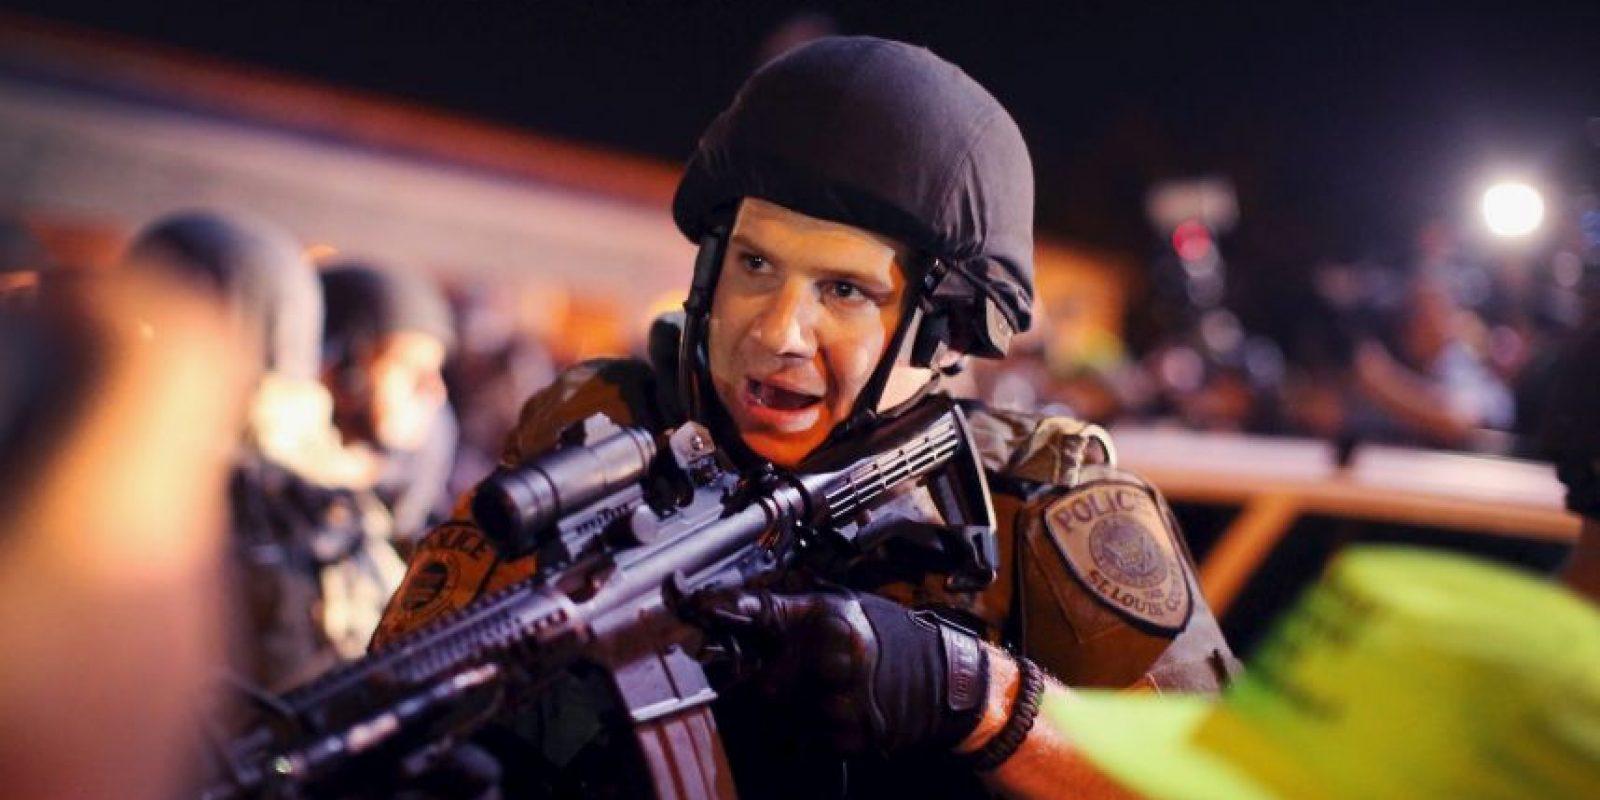 Jaime Casillas y Andrew Reyes eran miembros activos de la Guardia Nacional de Estados Unidos Foto:Getty Images